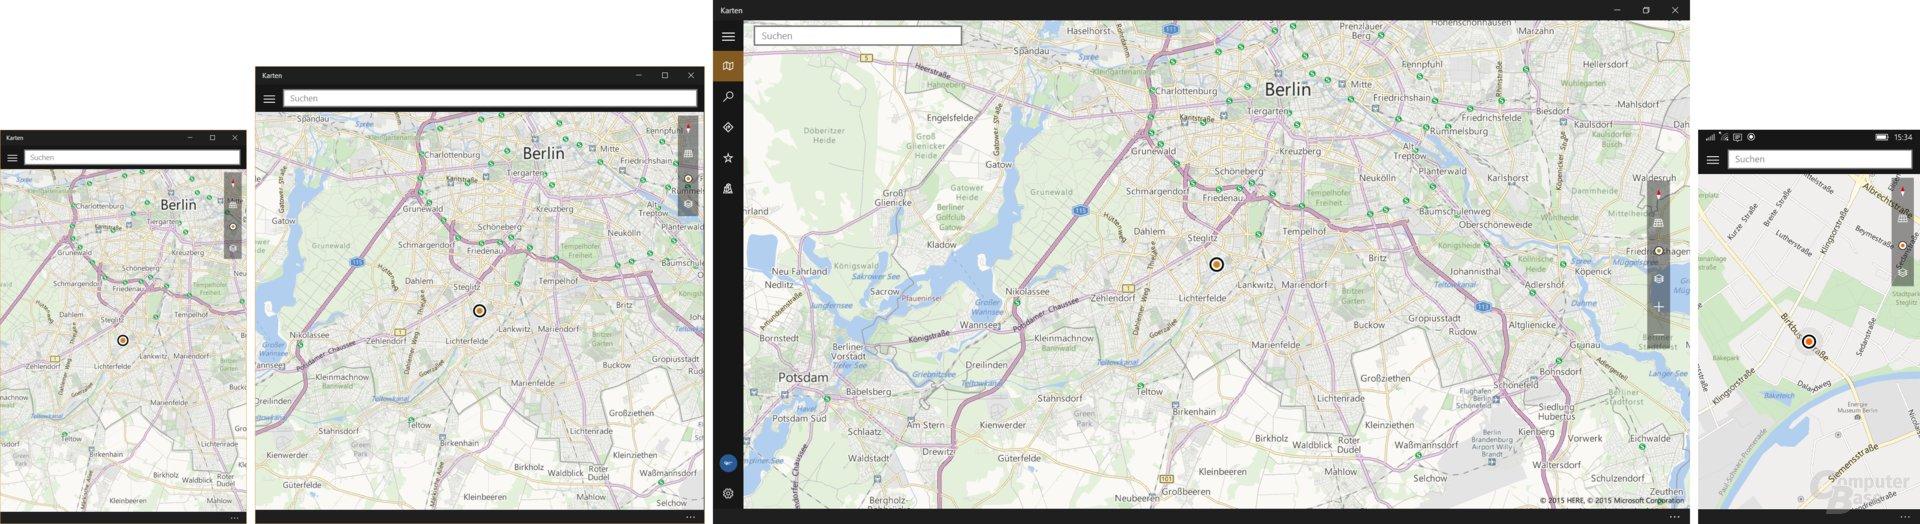 Karten Universal App